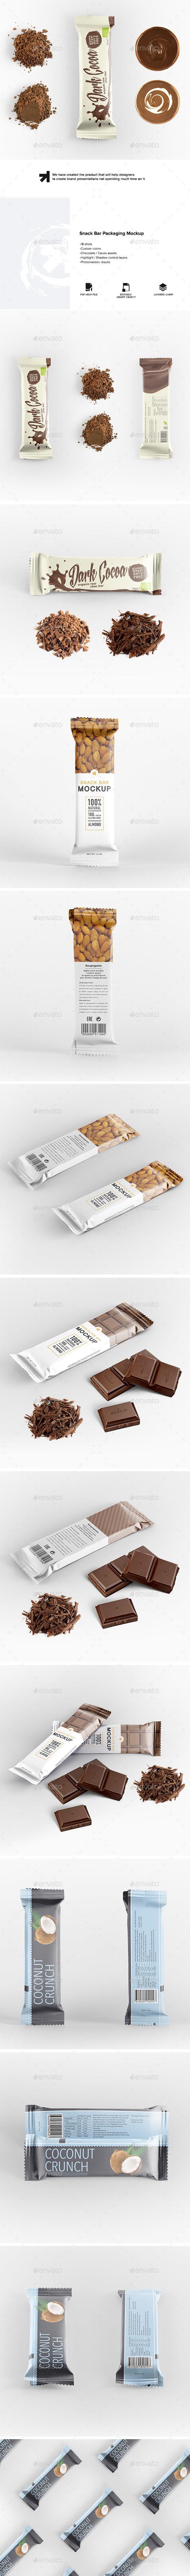 Snack Bar Packaging Mockup - Food and Drink Packaging